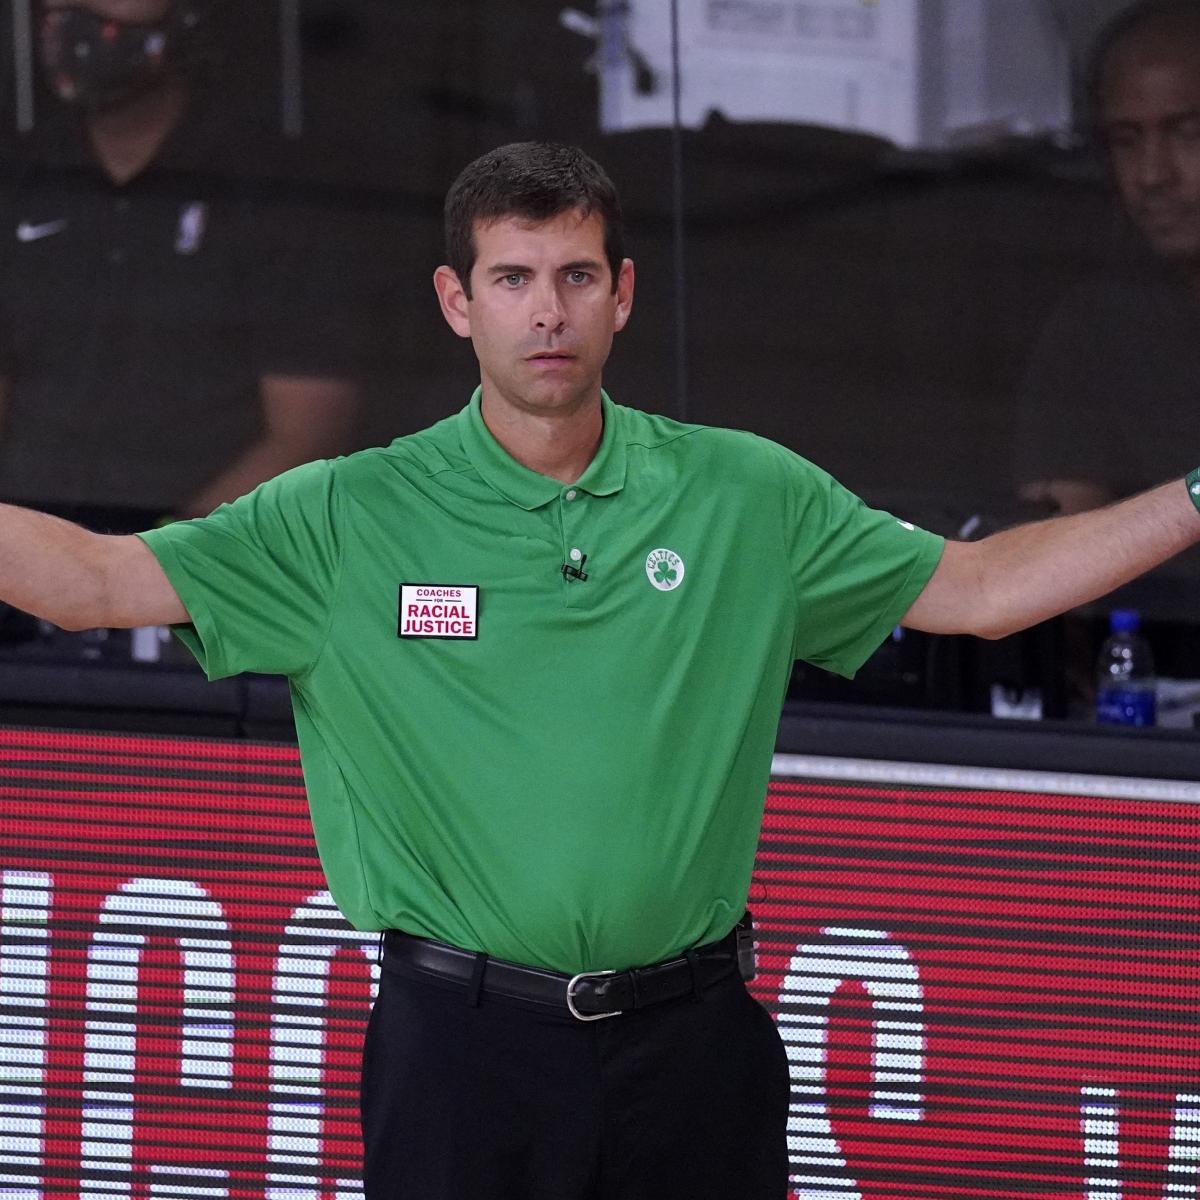 Report: Brad Stevens Met with Celtics Leaders After Game 2 Locker Room Incident